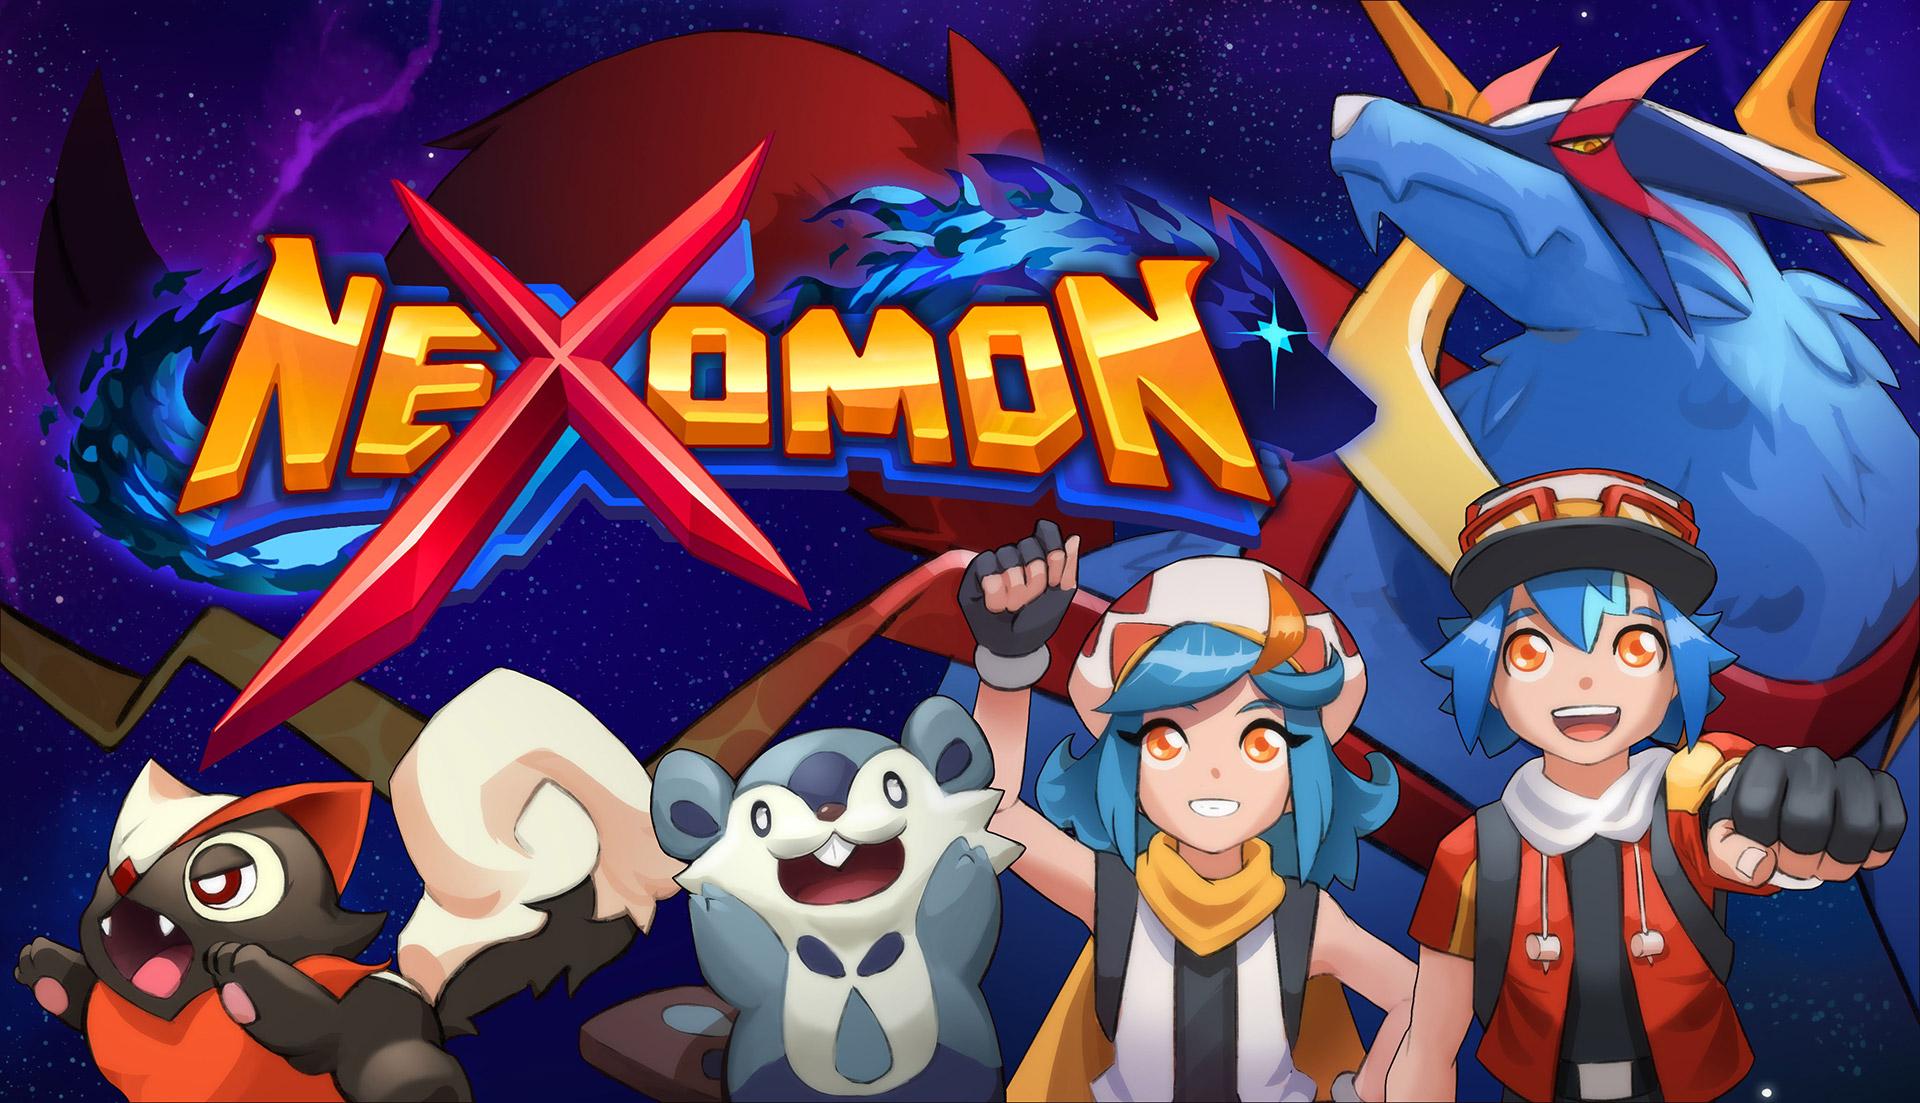 Nexomon arriverà su console prossimamente